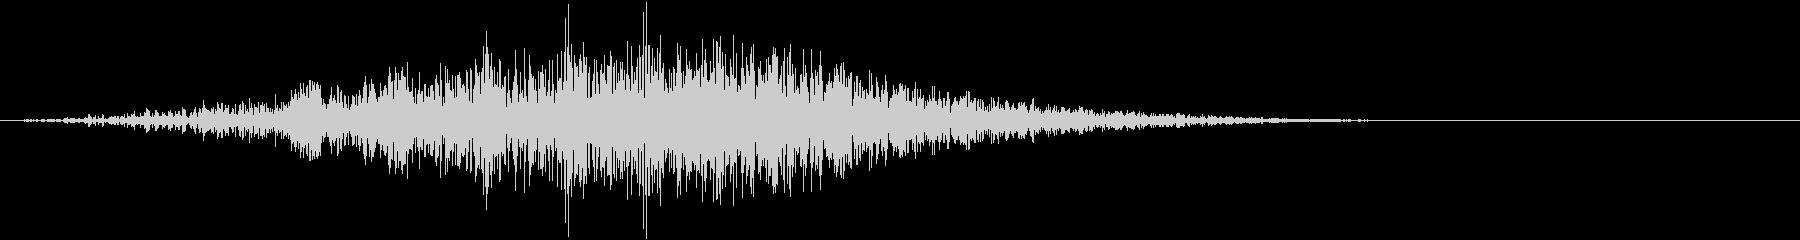 シュイーン(上昇音 ステータスアップ)の未再生の波形